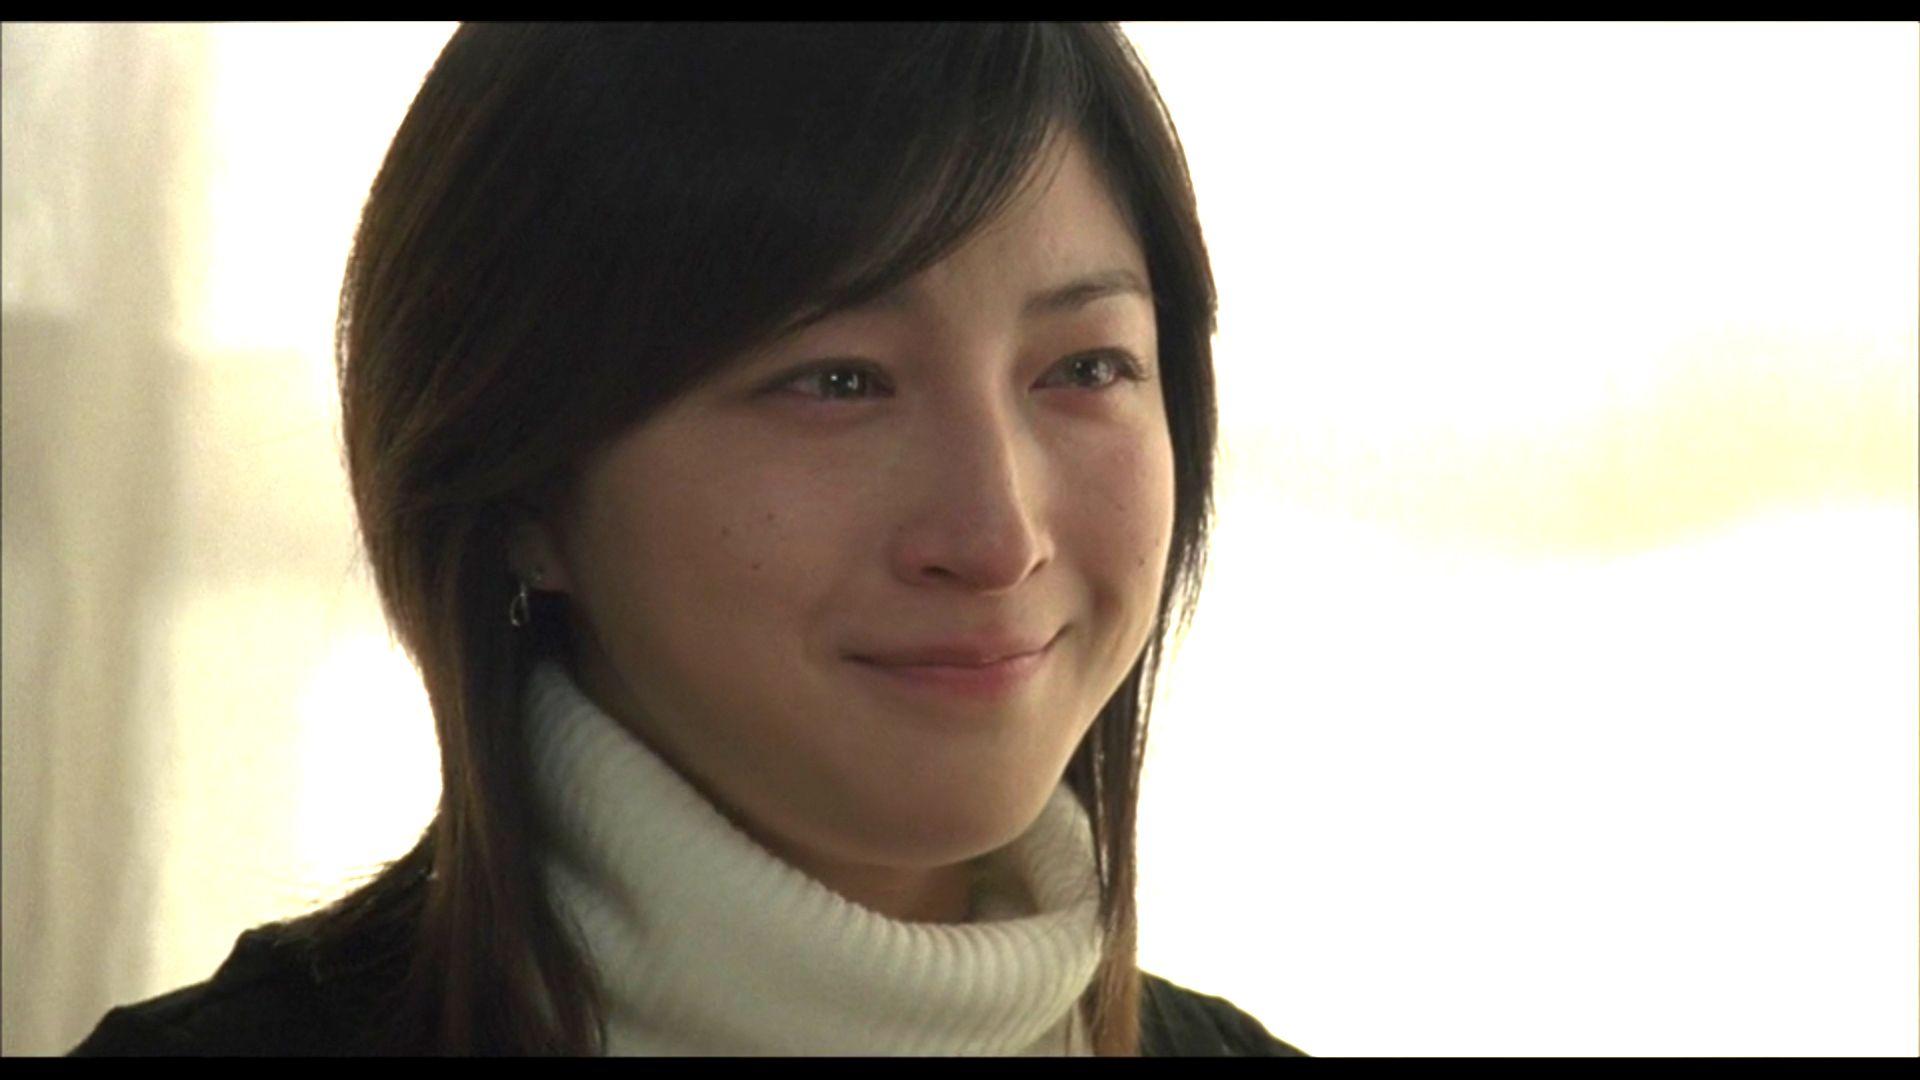 おくりびと 小林美香 広末涼子 Ryoko Hirosue 広末 涼子 画像 顔 涼子